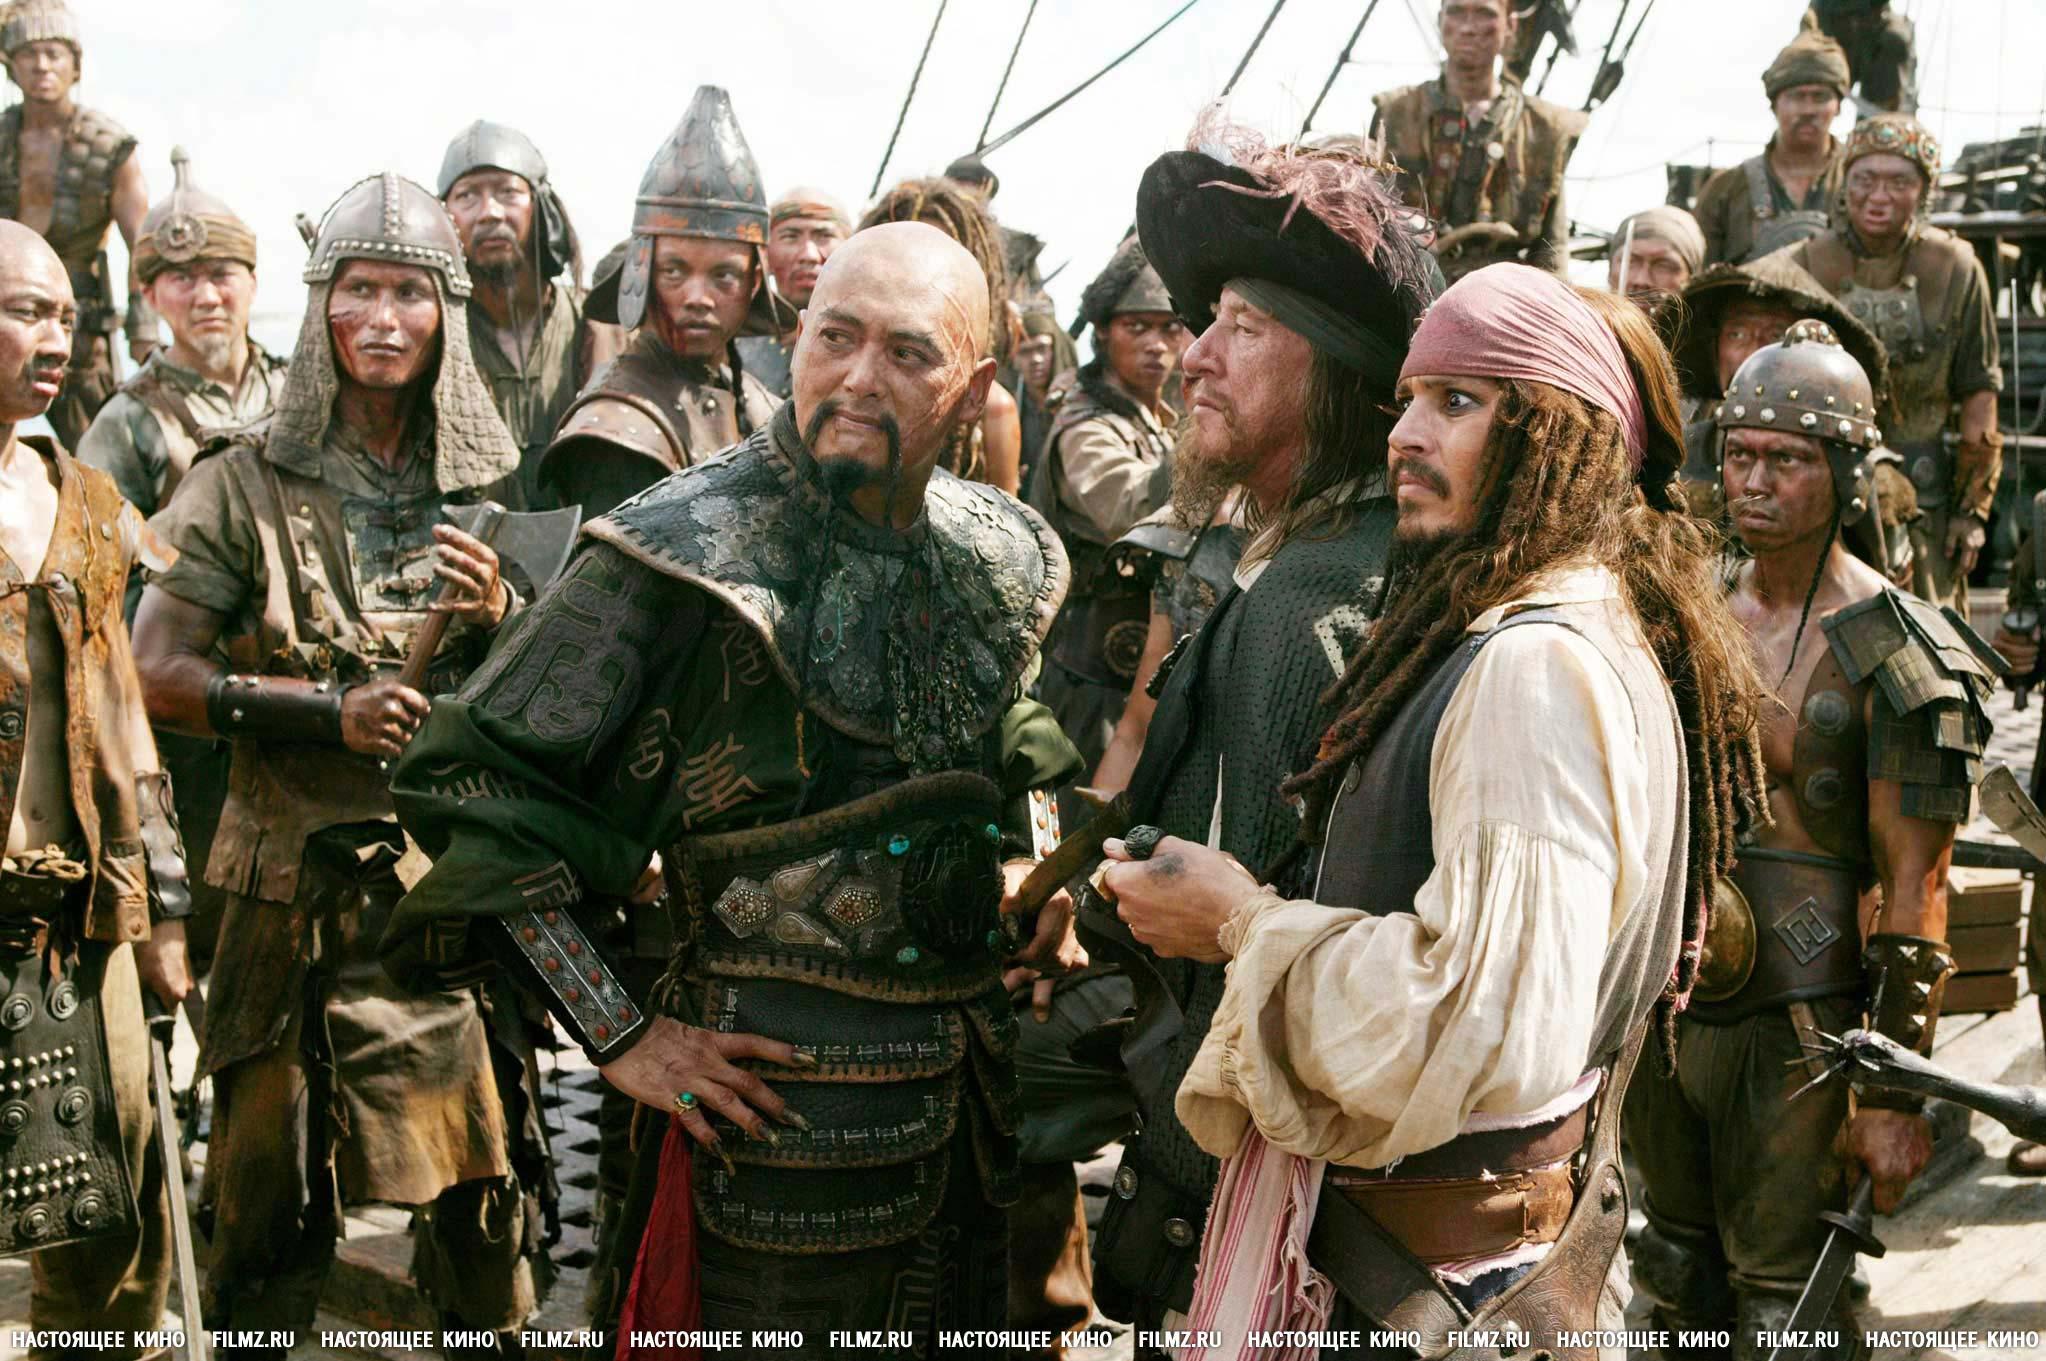 кадры из фильма Пираты Карибского моря: На краю света Джеффри Раш, Чоу Юнь-Фат, Джонни Депп,